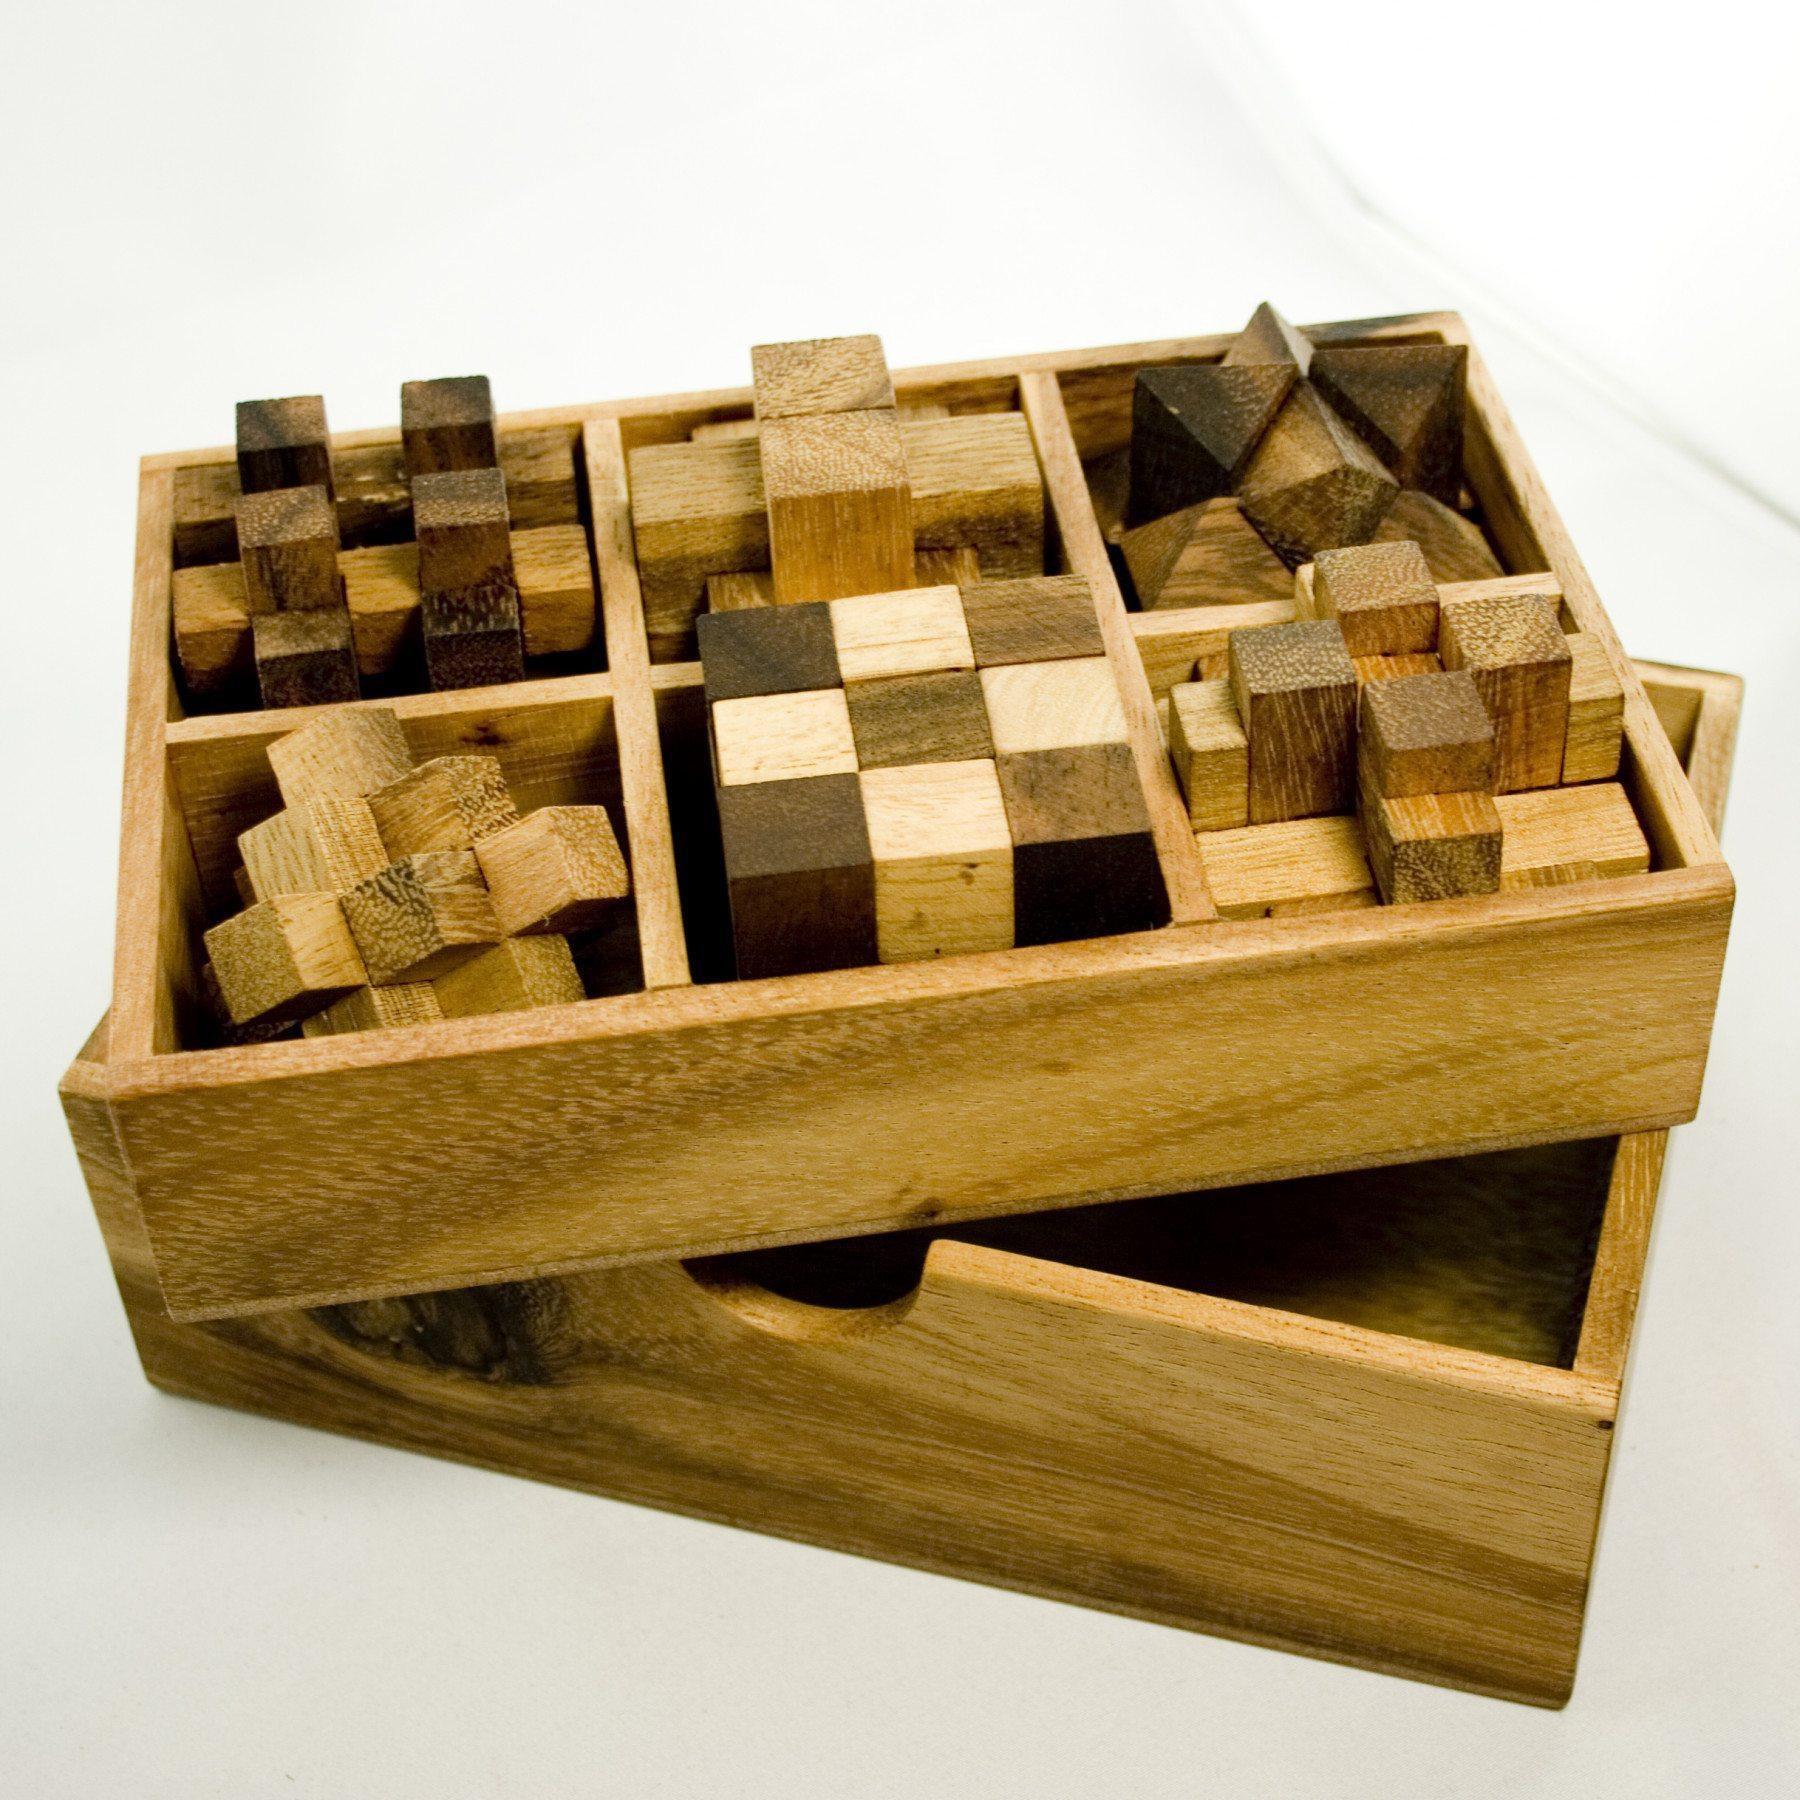 IQ Master Knobelspiele Set in edler Holzbox